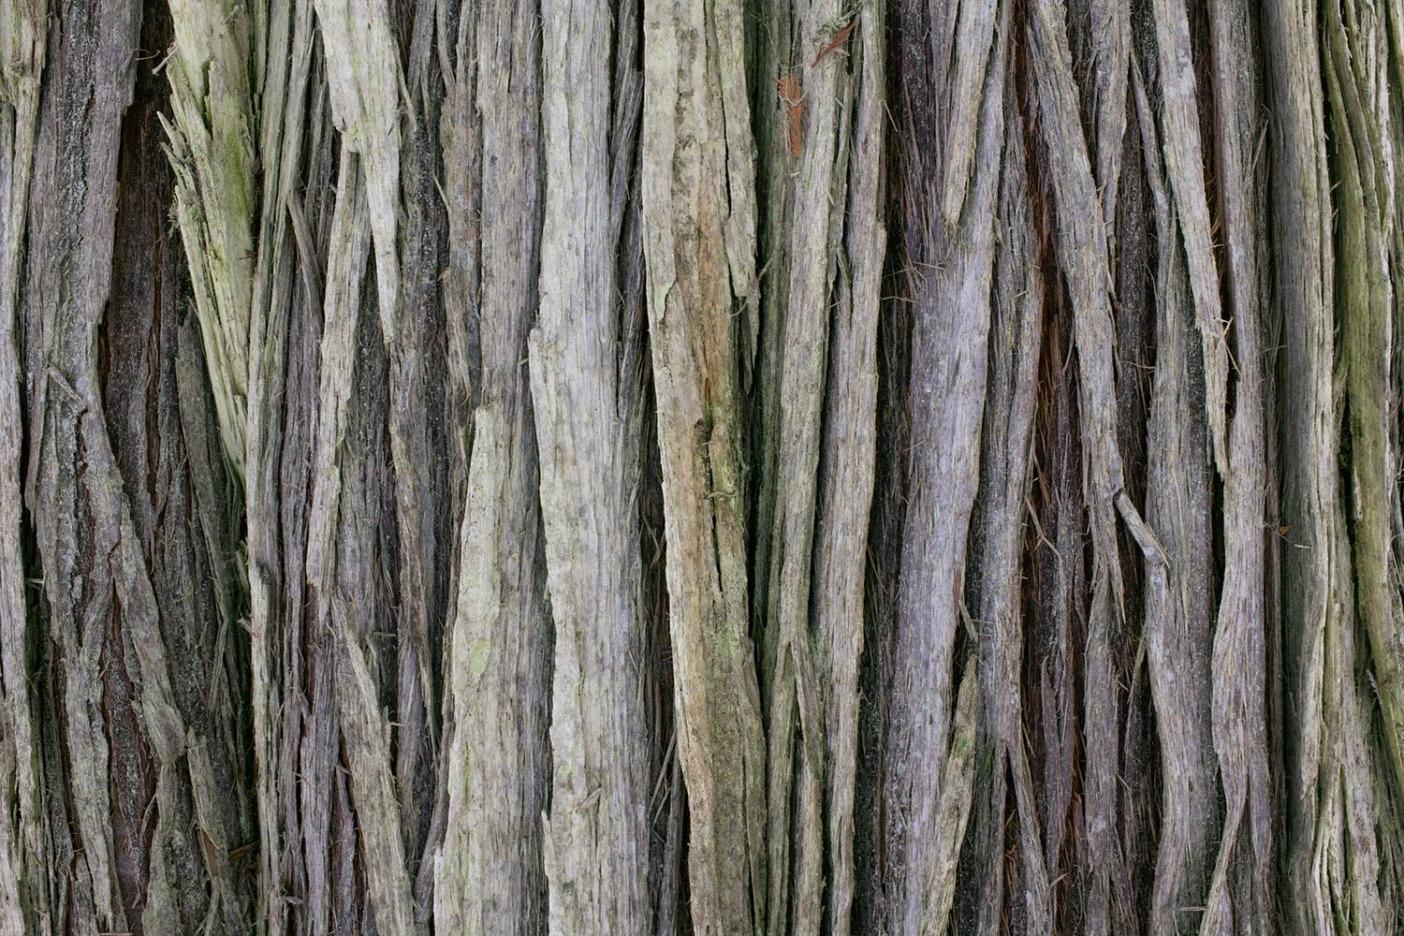 ベイスギの皮。「Thuja plicata(ベイスギ)」はブリティッシュ・コロンビア内陸の温帯雨林で繁栄する種のひとつであり、60メートル以上の高さに成長可能で、溝の入った樹幹の直径は6メートル以上、年齢は1,000年以上にも達する。Photo: Garrett Grove